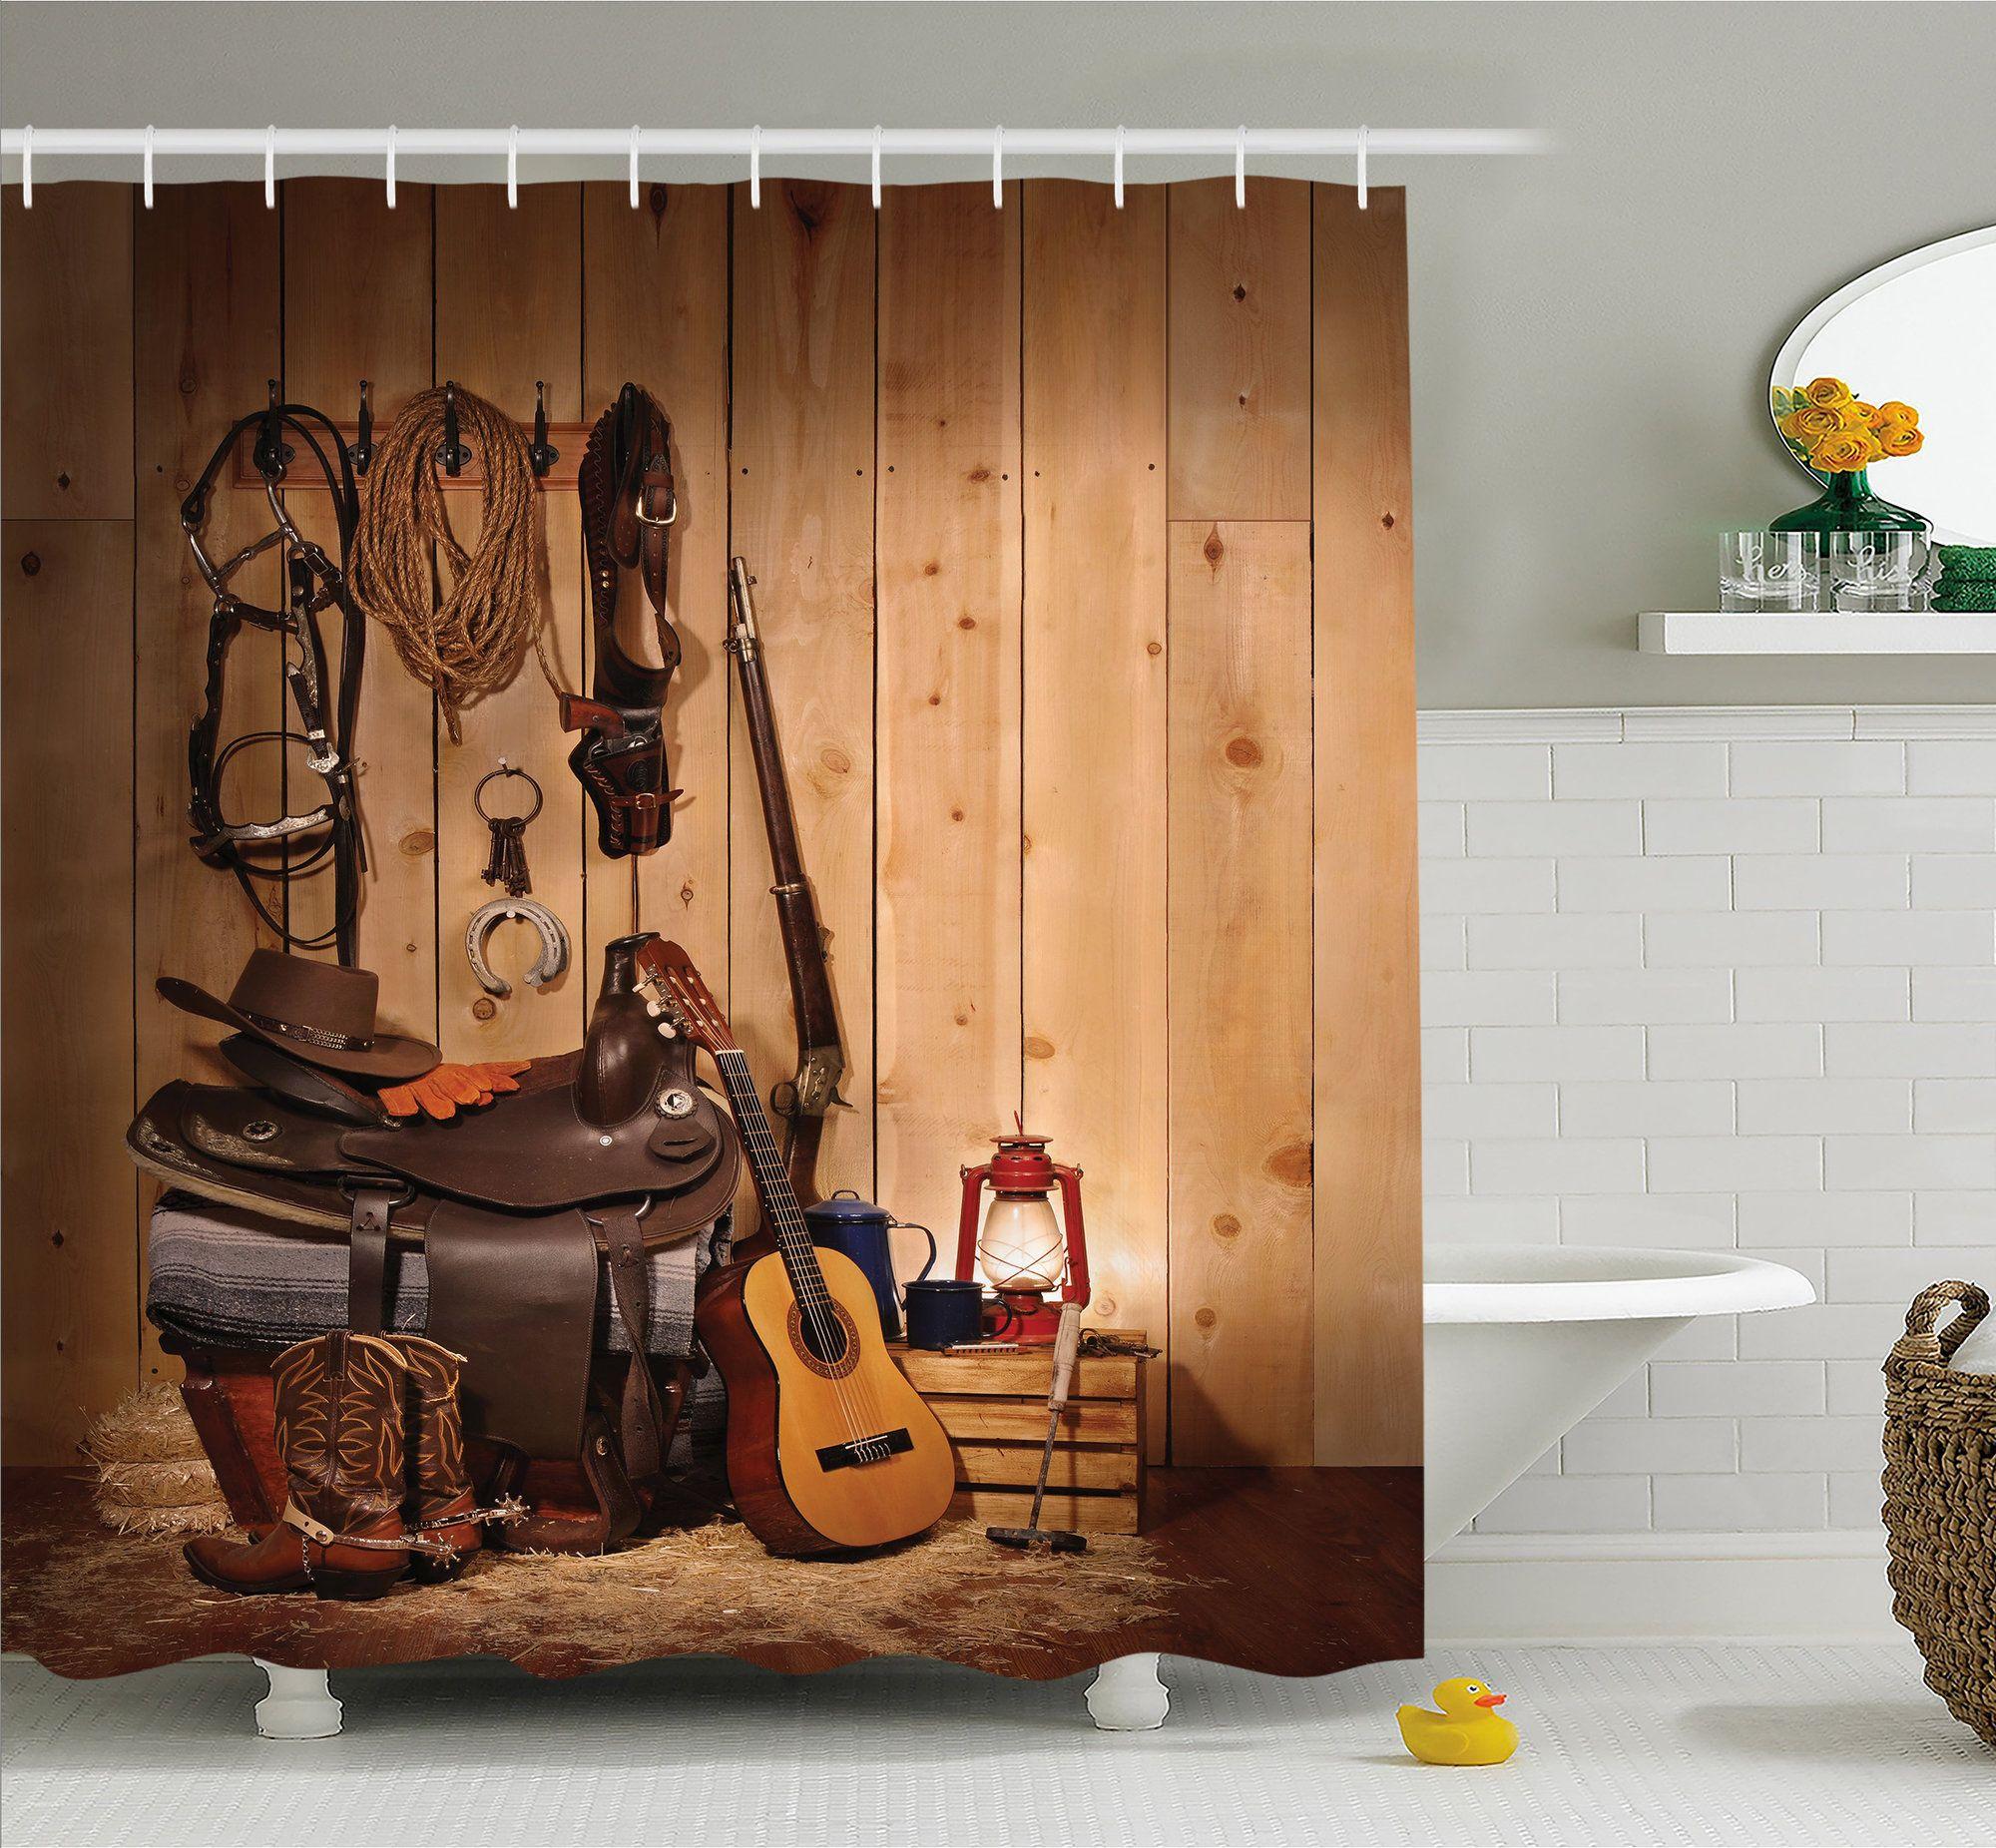 180cm fabric western cowboy shower